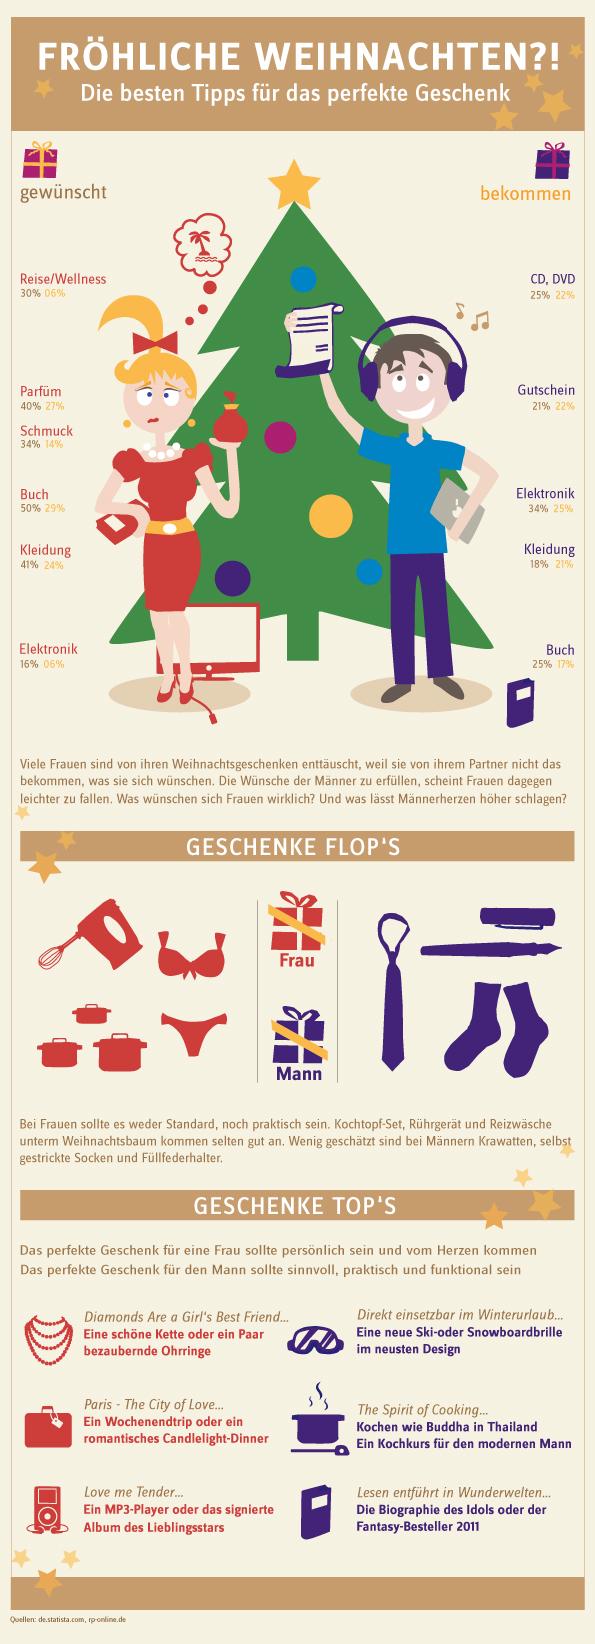 weihnachtsw nsche tipps f r das perfekte geschenke vom. Black Bedroom Furniture Sets. Home Design Ideas